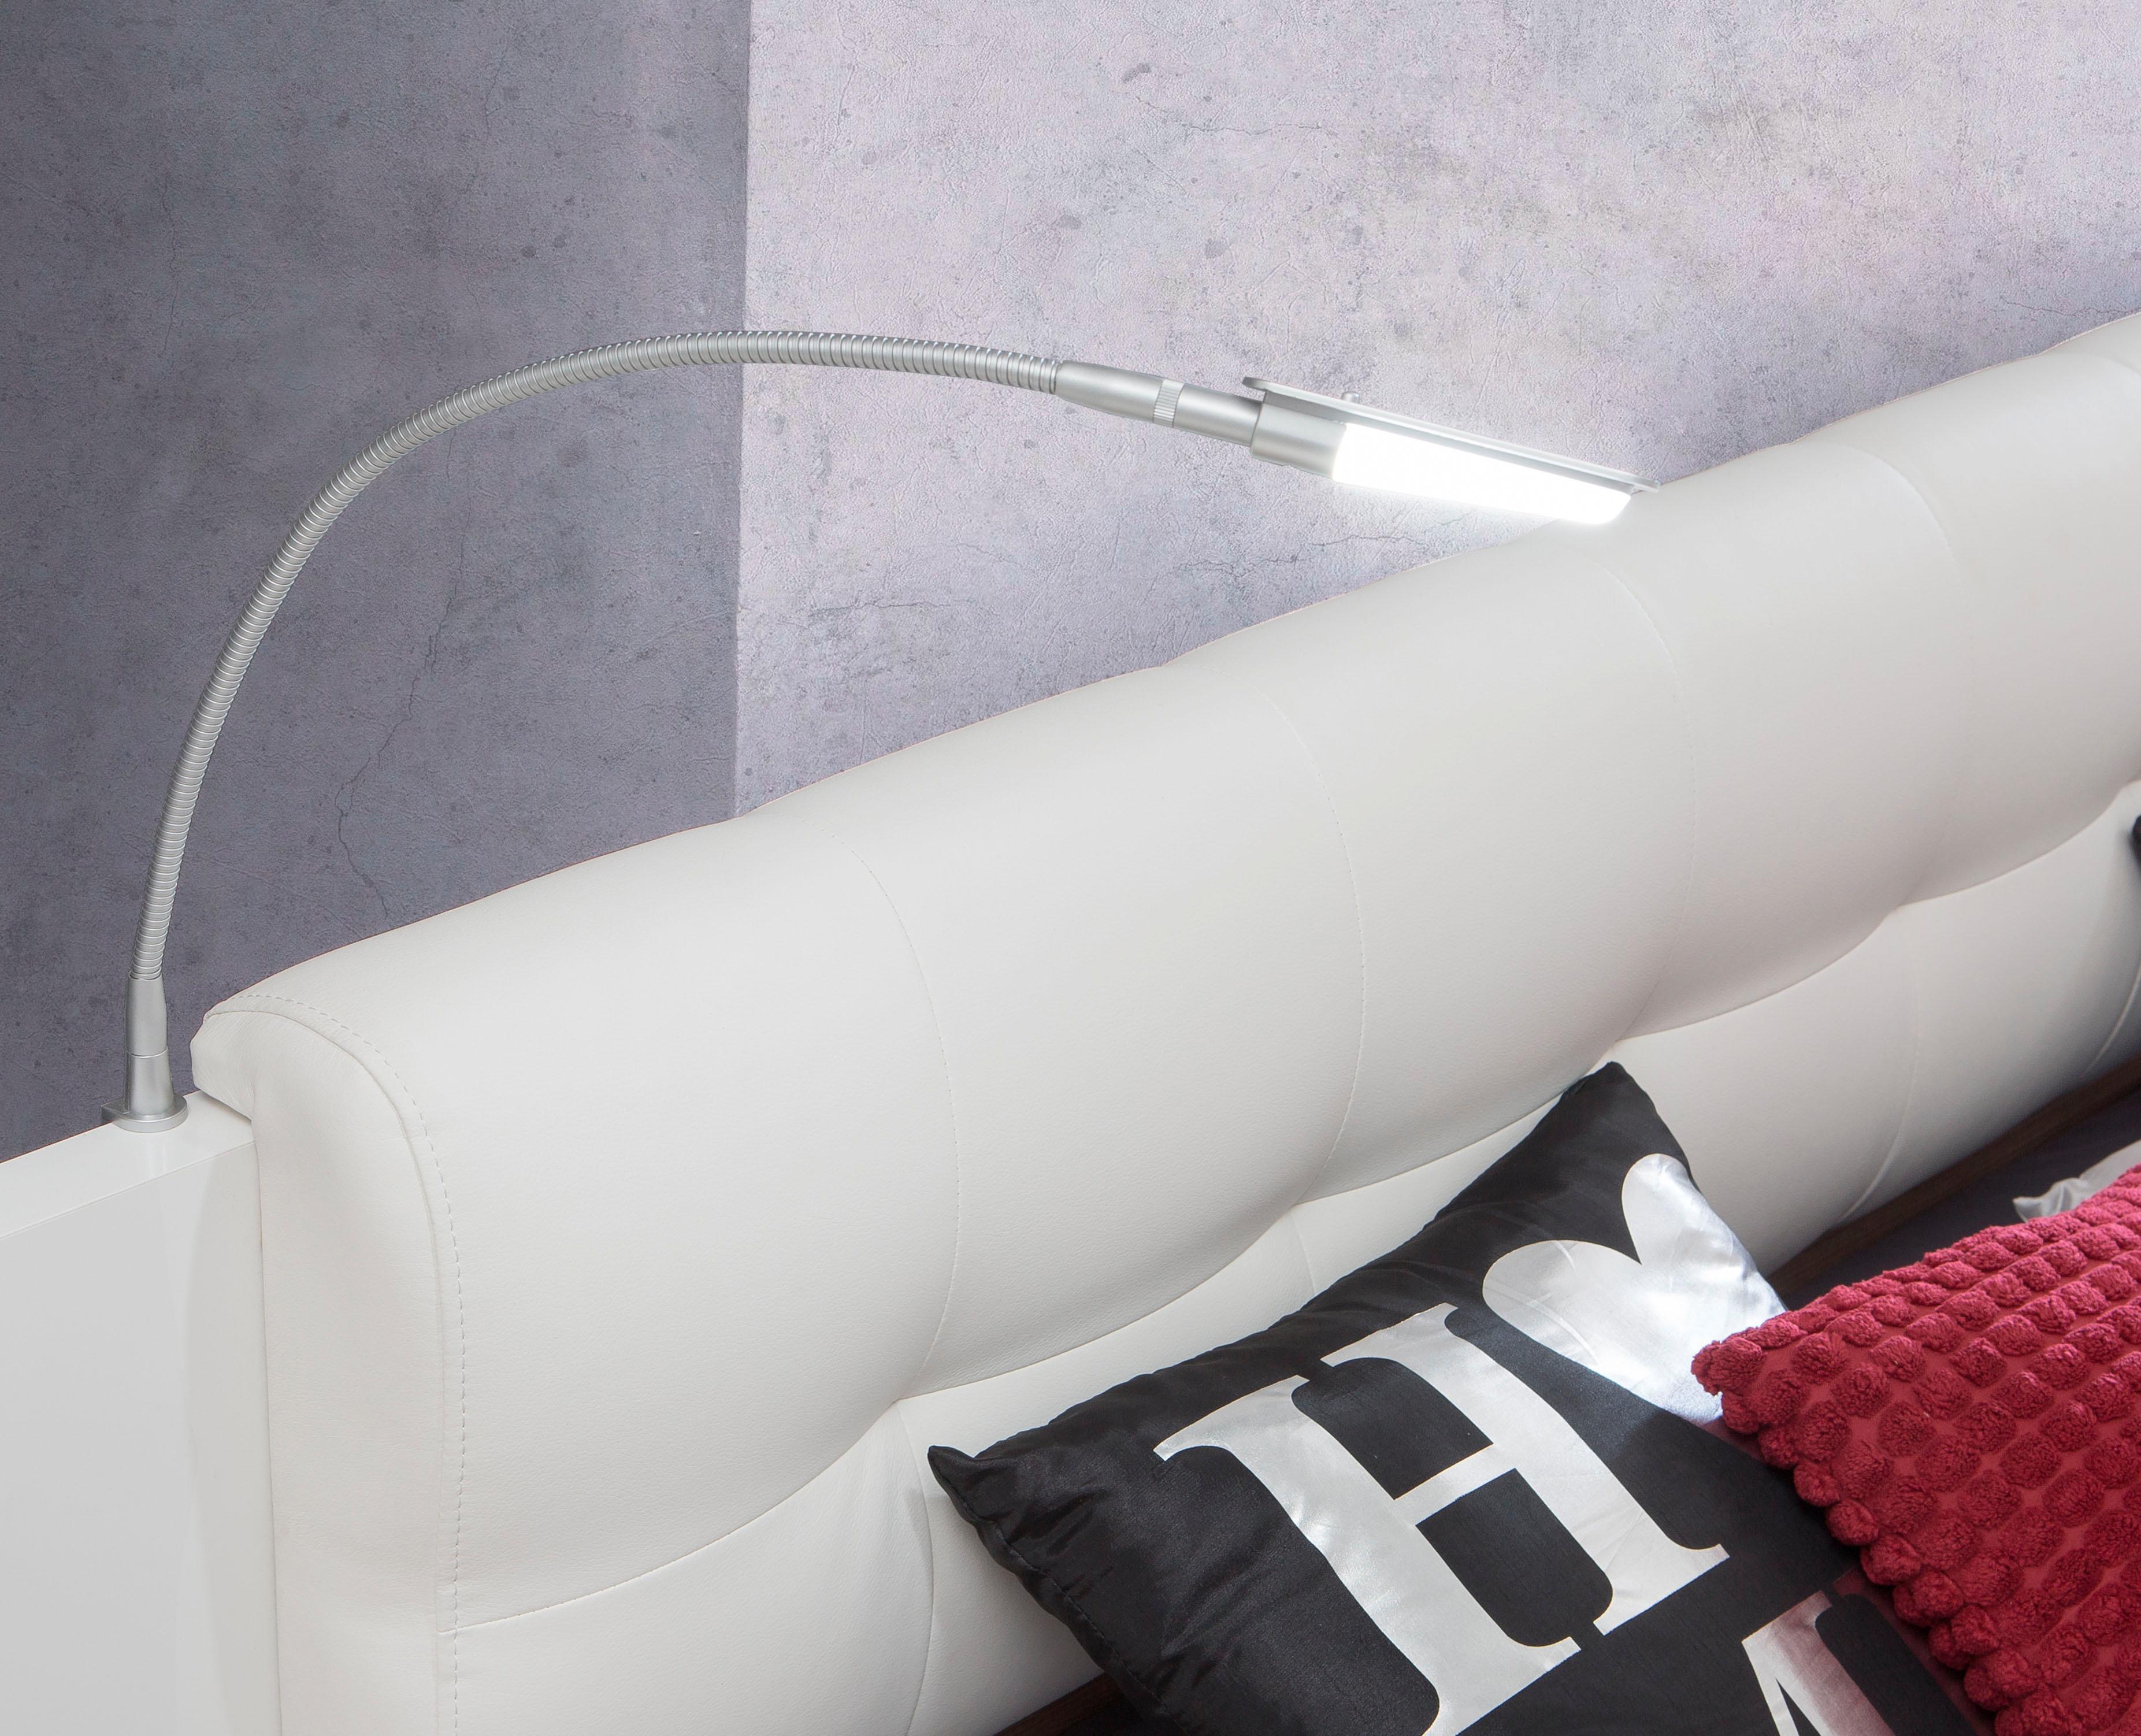 FORTELED Leselampe Wohnen/Accessoires & Leuchten/Lampen & Leuchten/Leselampen